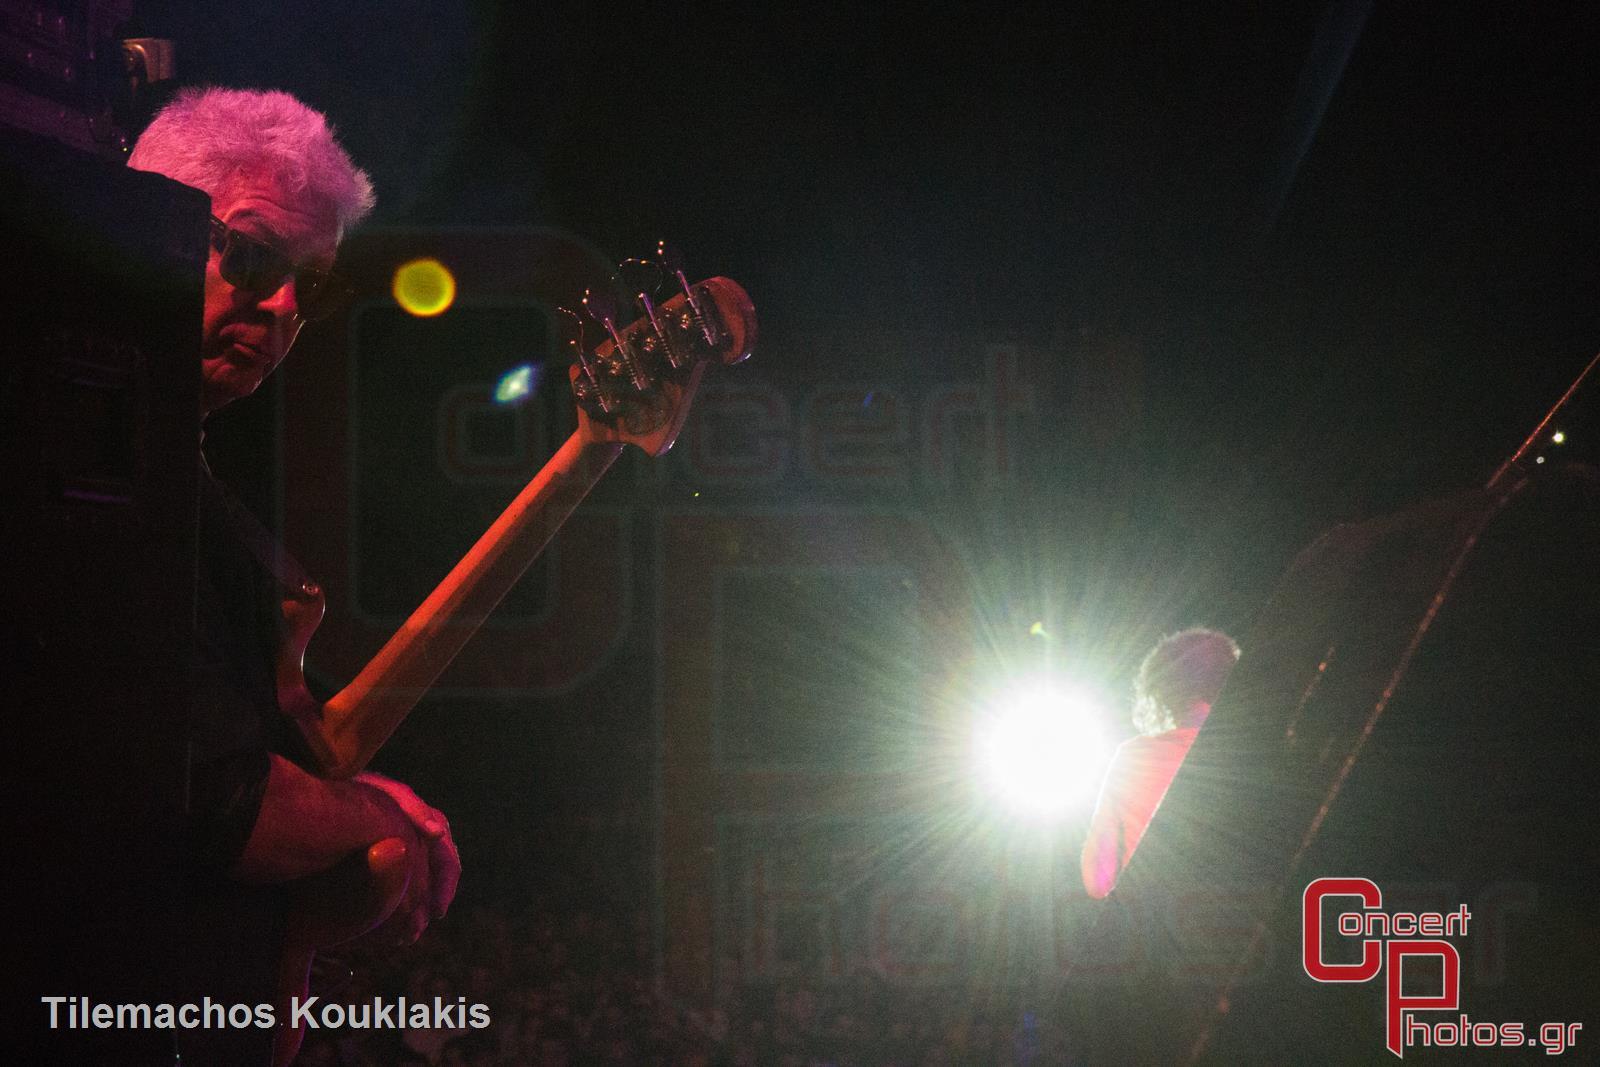 Βασίλης Παπακωνσταντίνου - 40 Χρόνια Έφηβος-Vasilis Papakonstantinou 40 Chronia Efivos photographer: Tilemachos Kouklakis - concertphotos_-5256